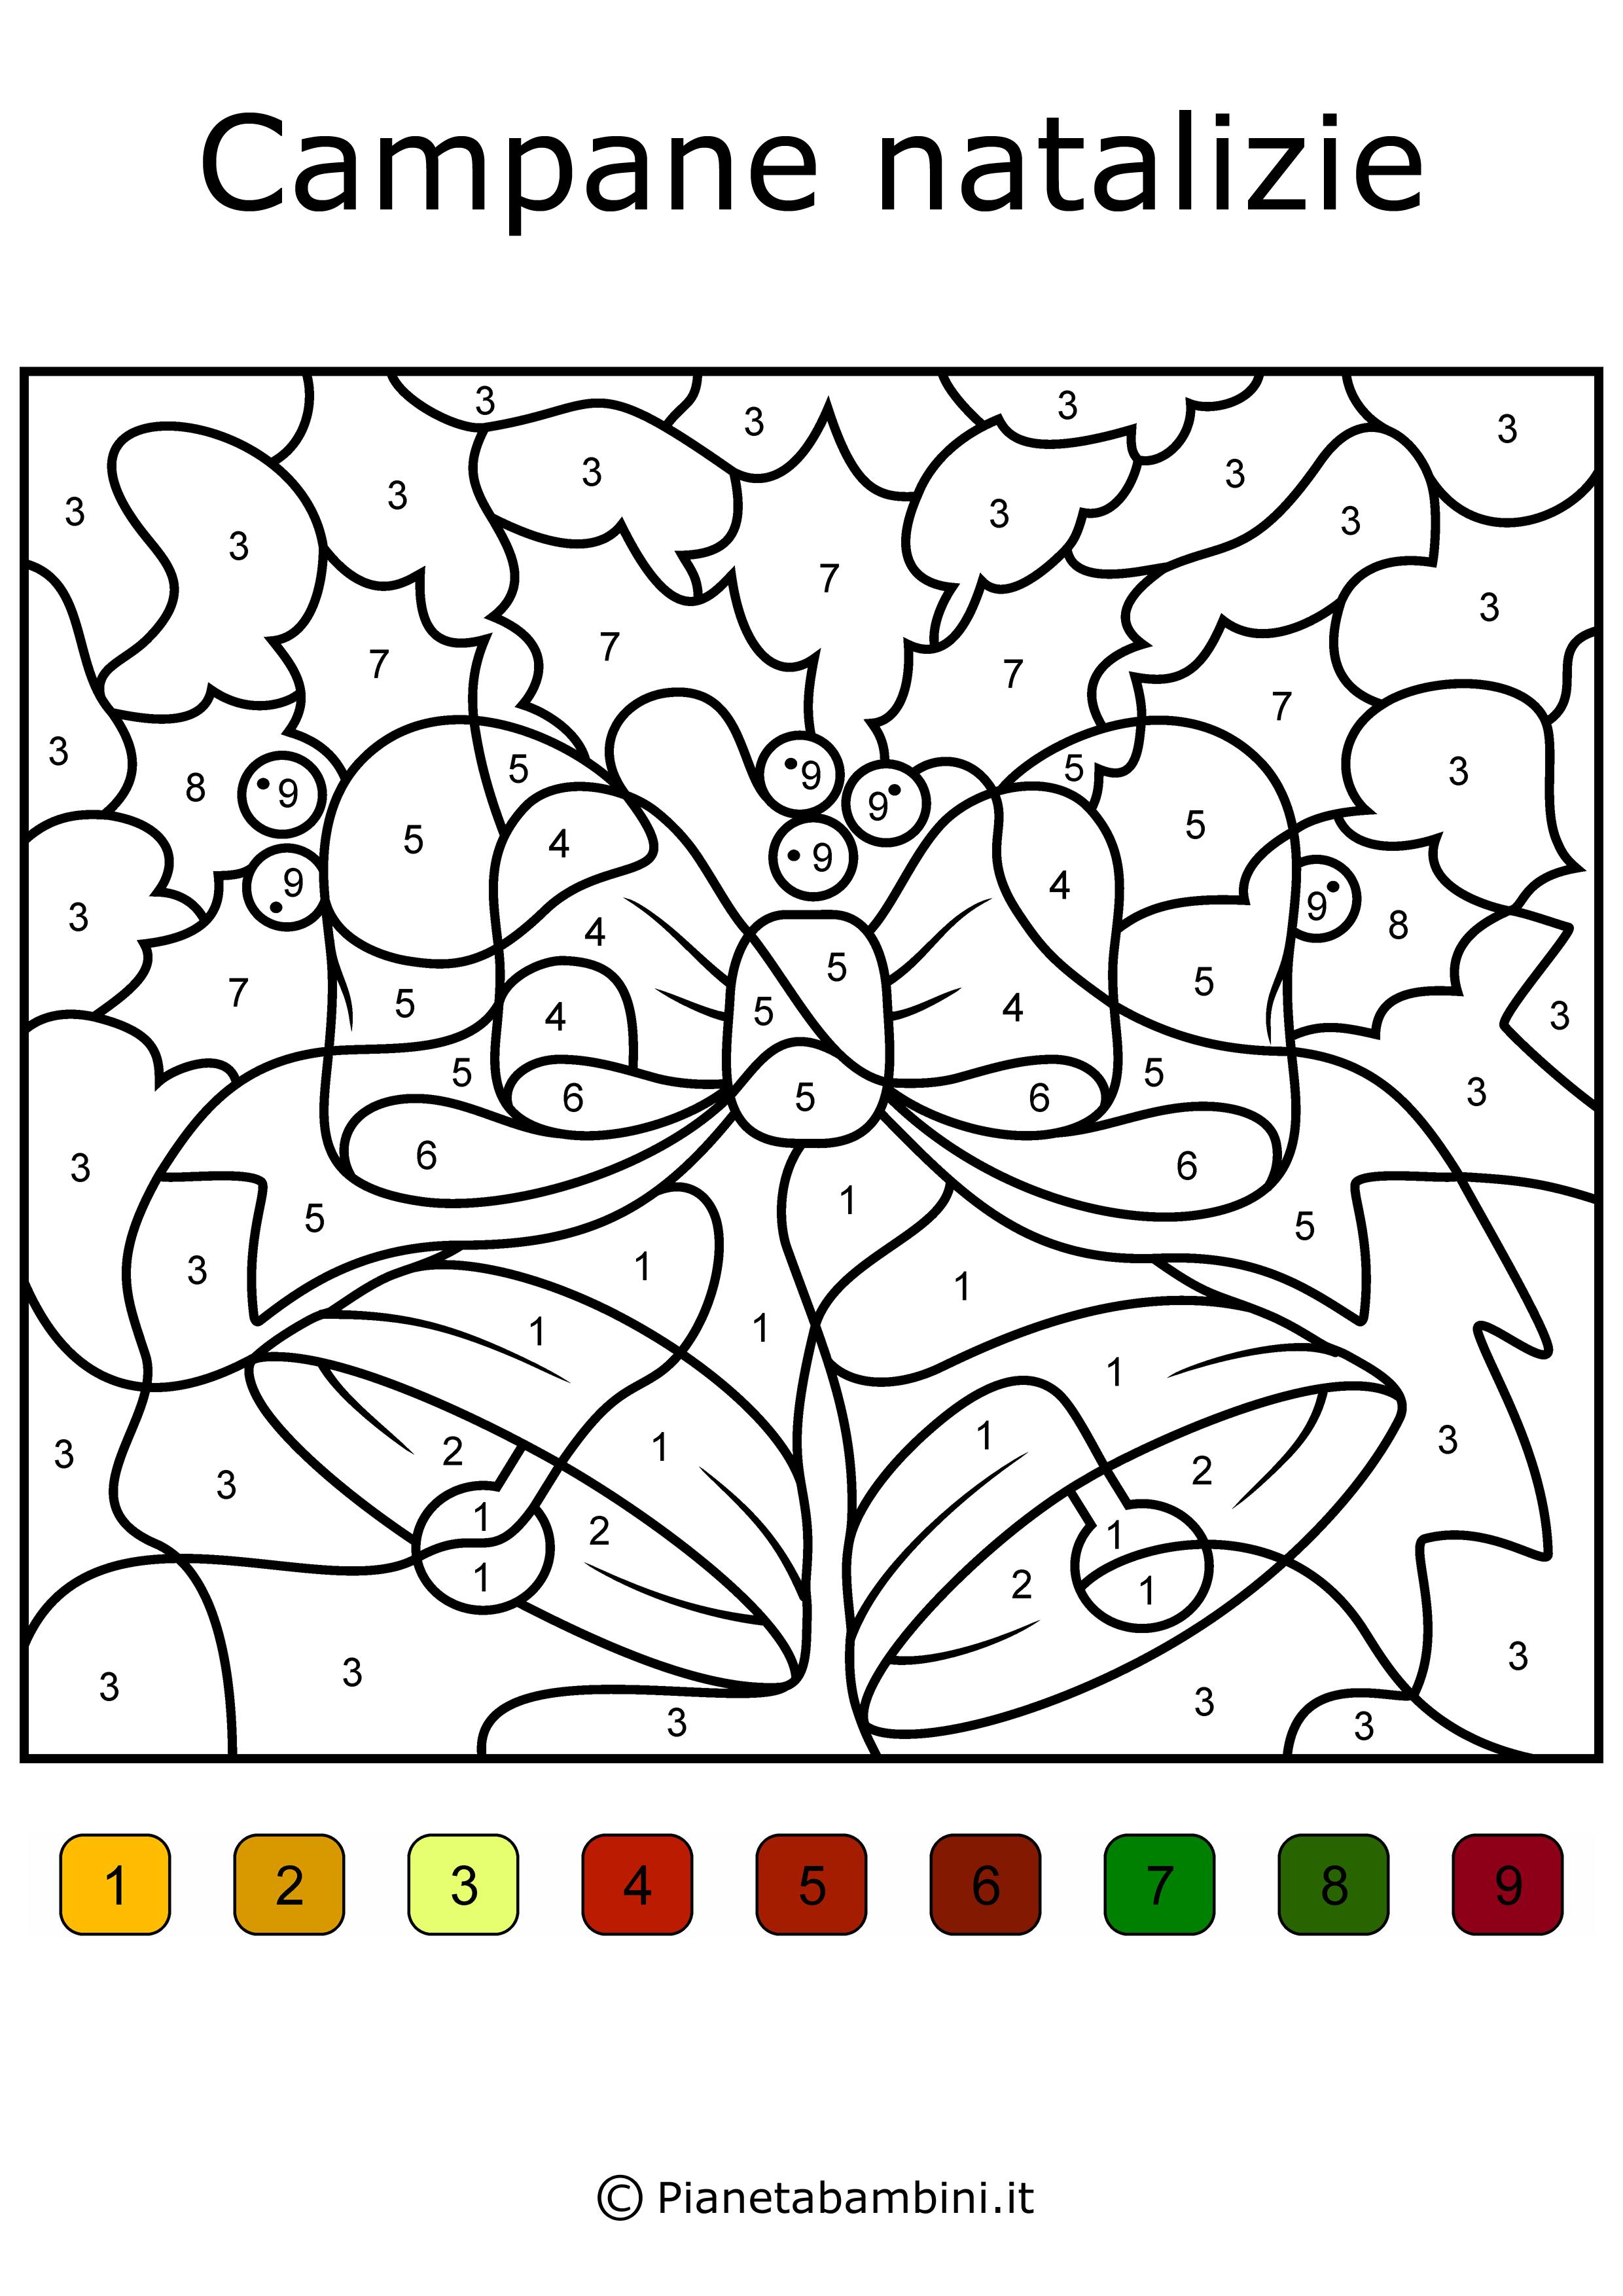 Conta-e-Colora-Difficile-Campane-Natalizie